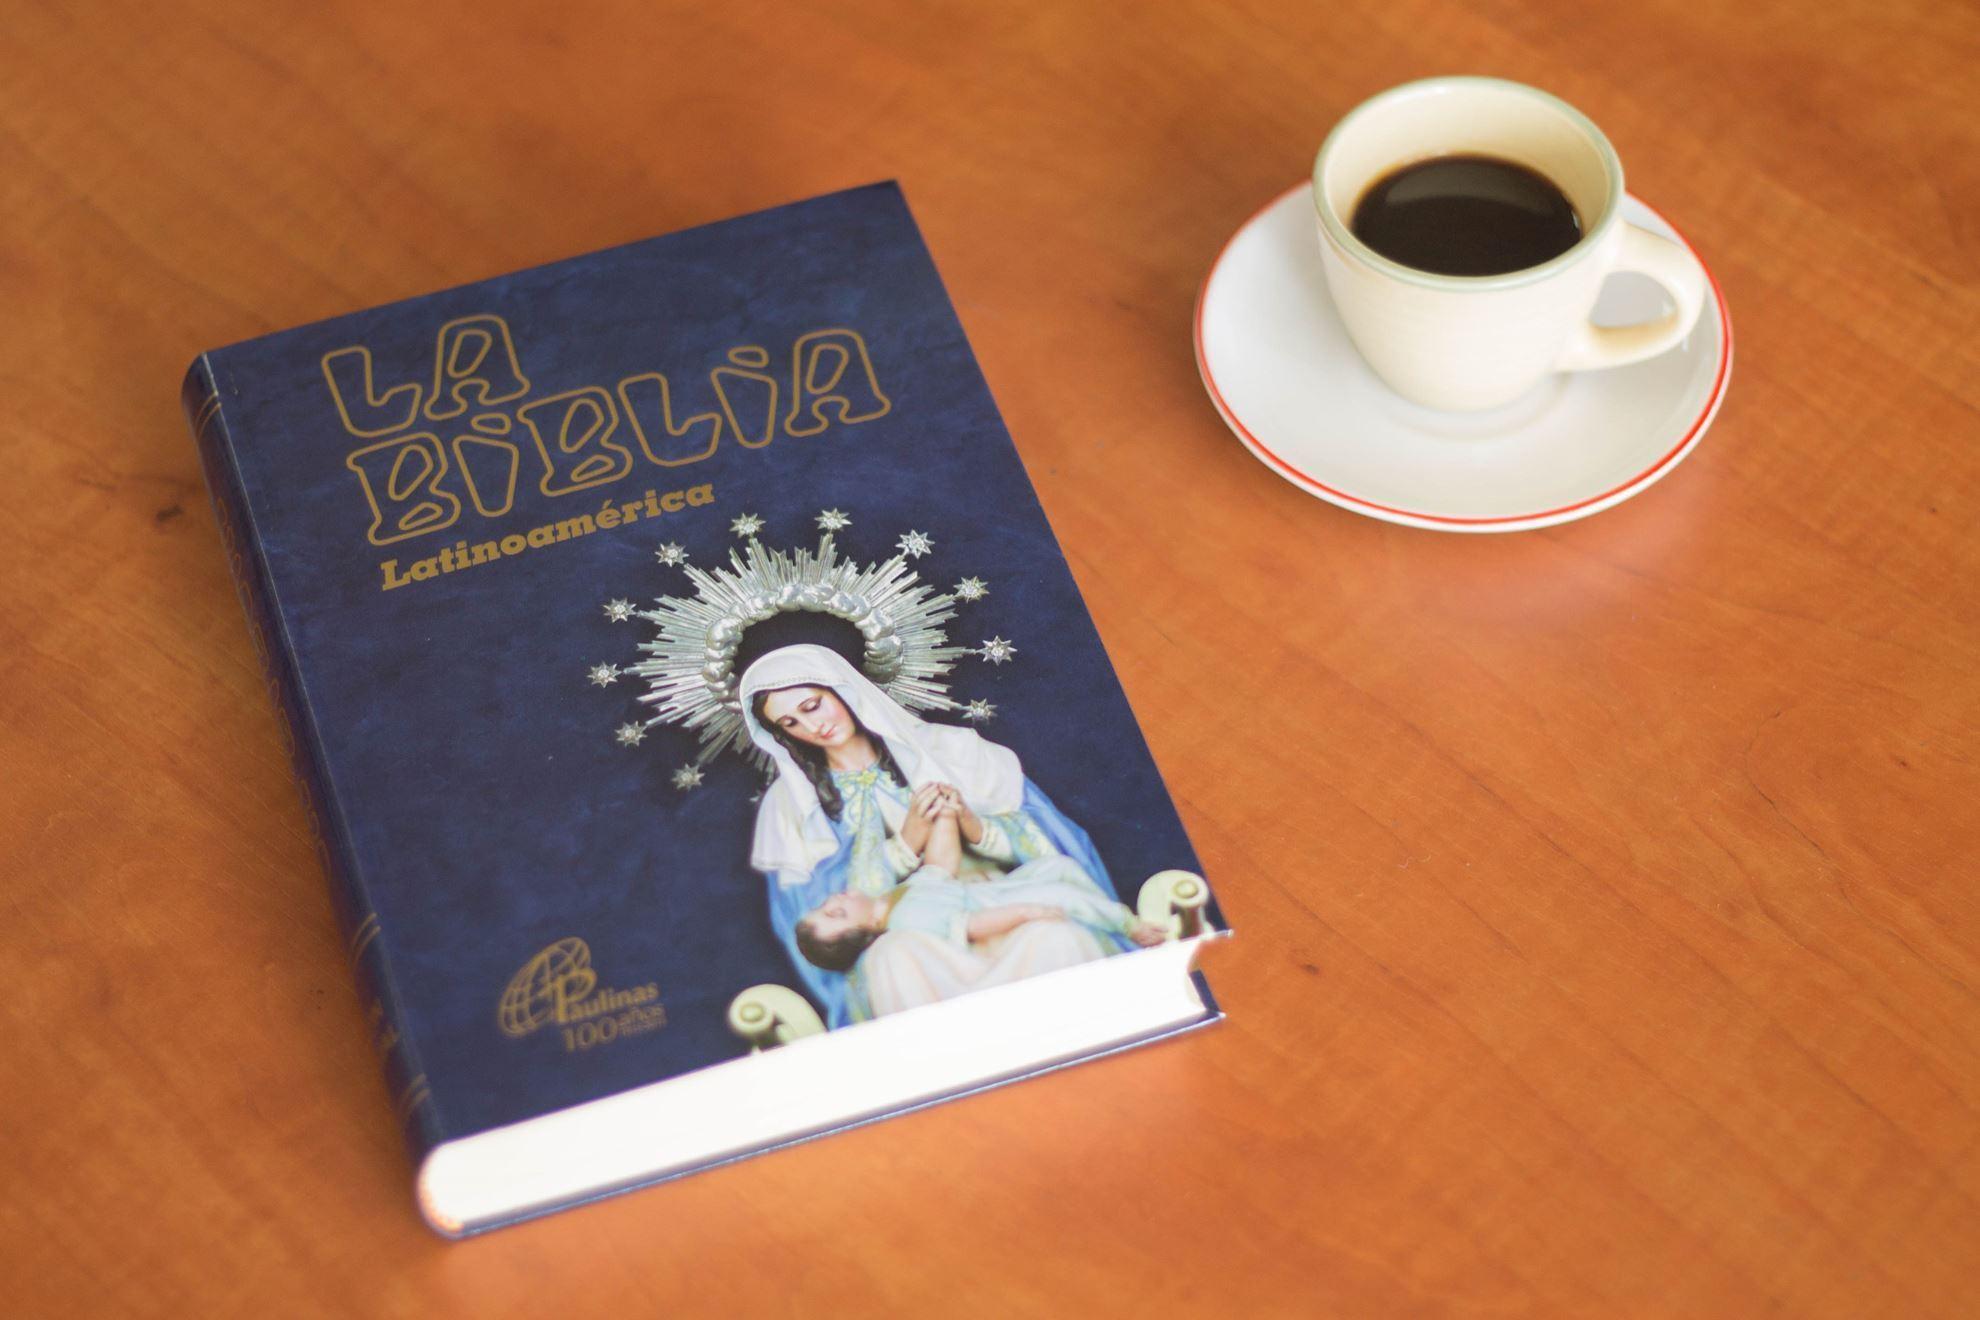 Foto de BIBLIA LATINOAMERICANA (FLEXIBLE 100 AÑOS PAULINAS)